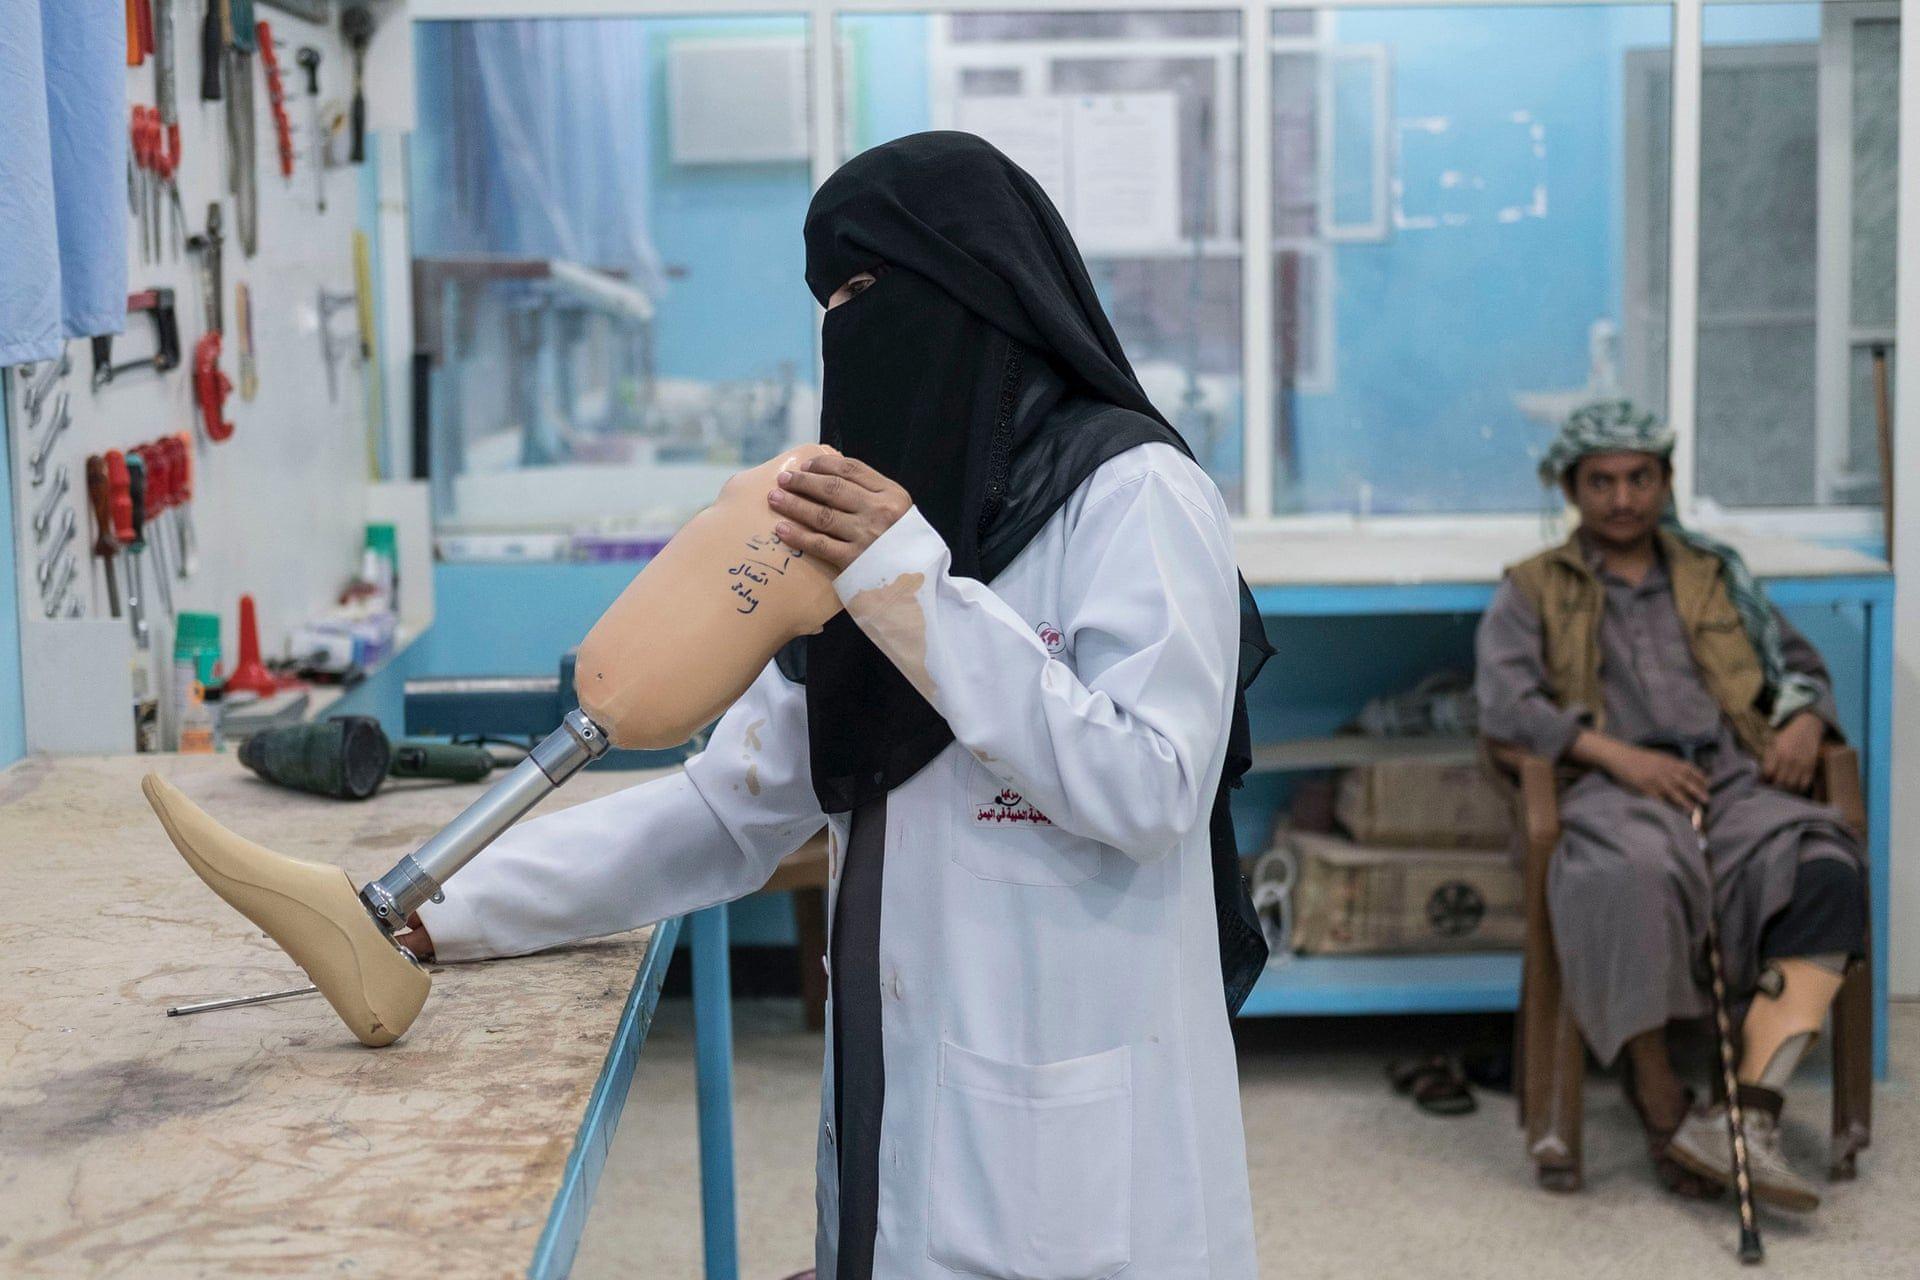 Fayda Ali Ali ápolónő  ortopédiai osztályában művégtagot állít be Marib városban Yemenben. Fotó: Heathcliff O'Malley/Daily Telegraph / thebppa